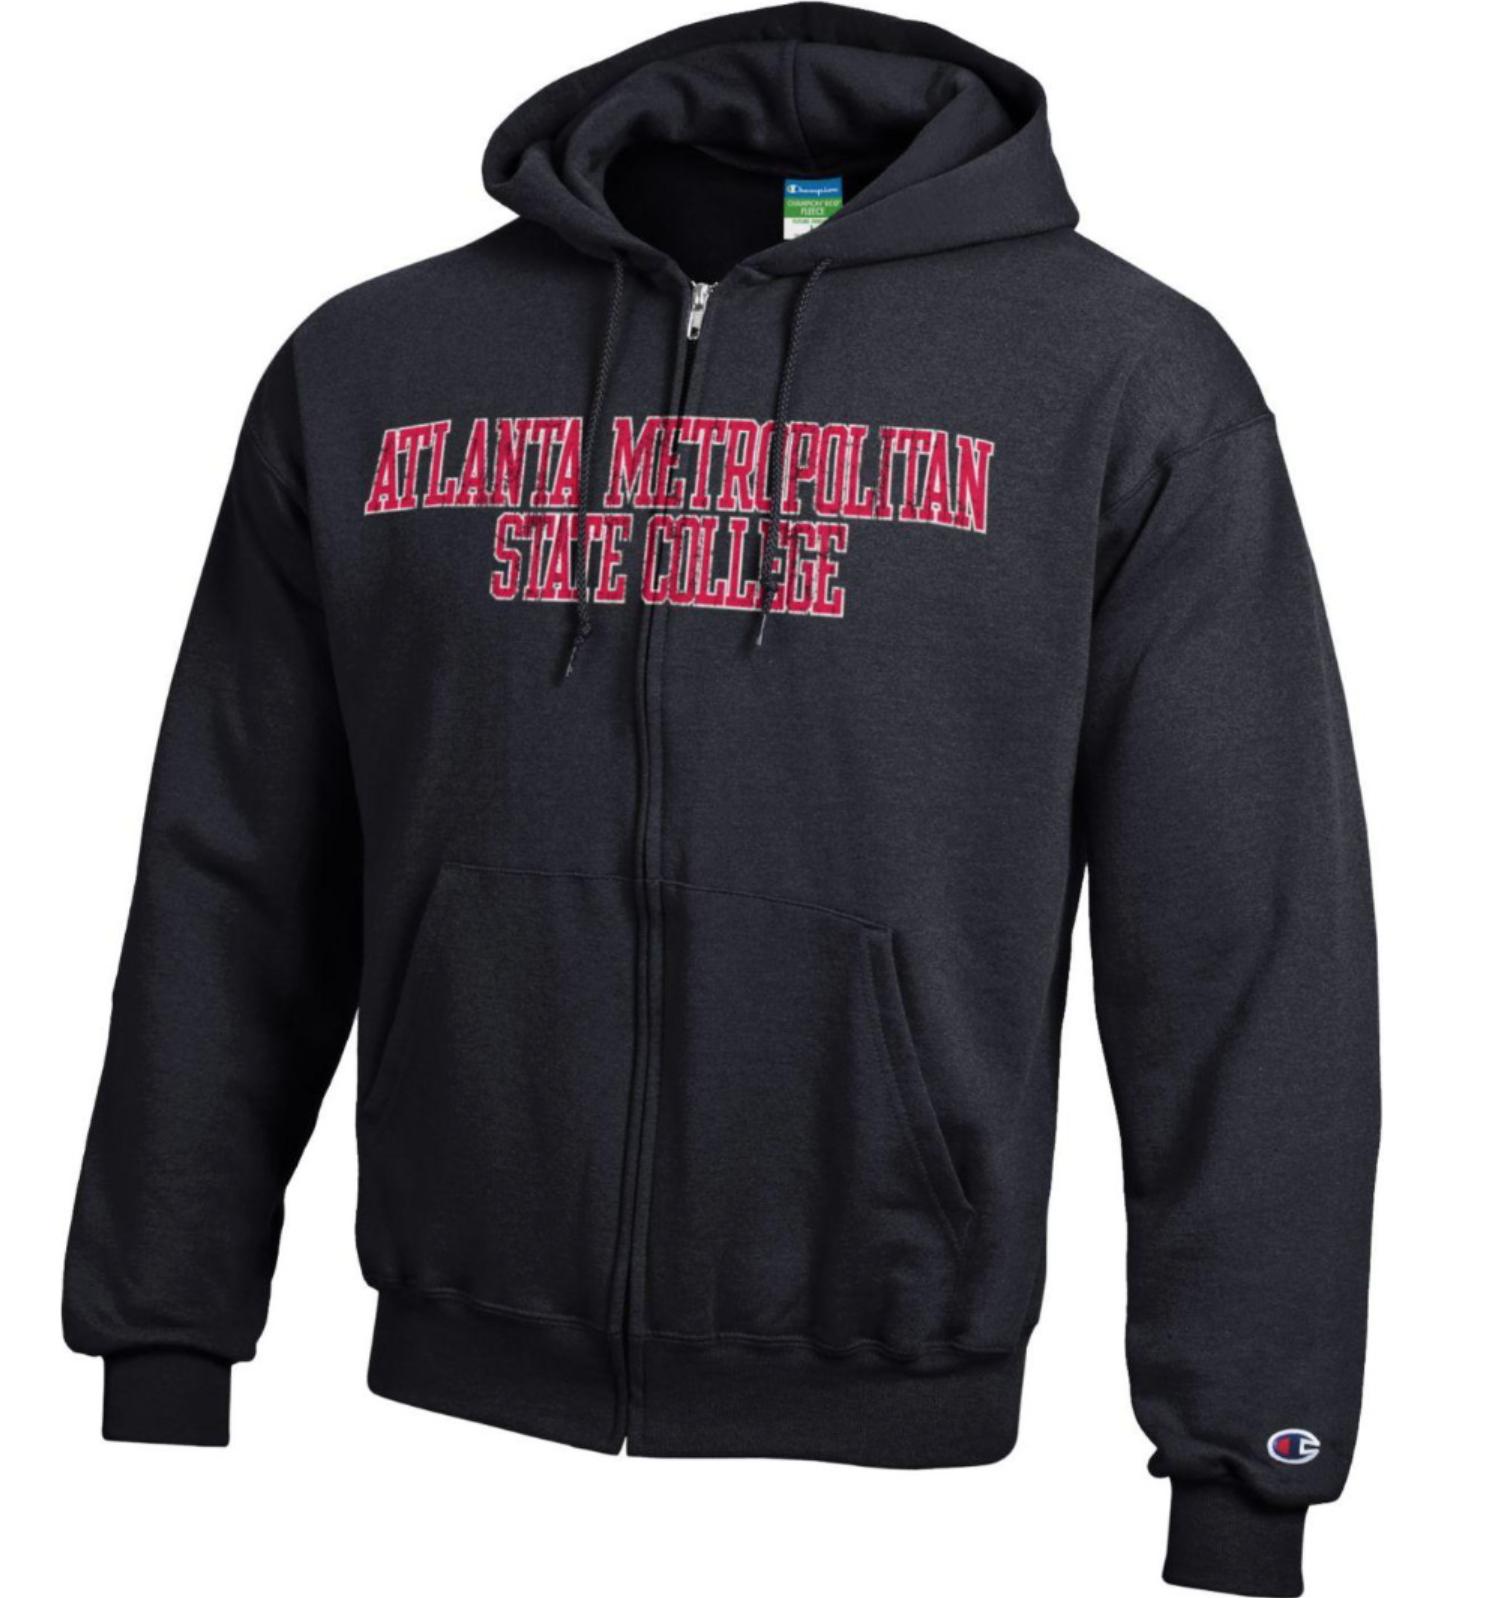 Atlanta Metropolitan State College Full-Zip Hooded Sweatshirt